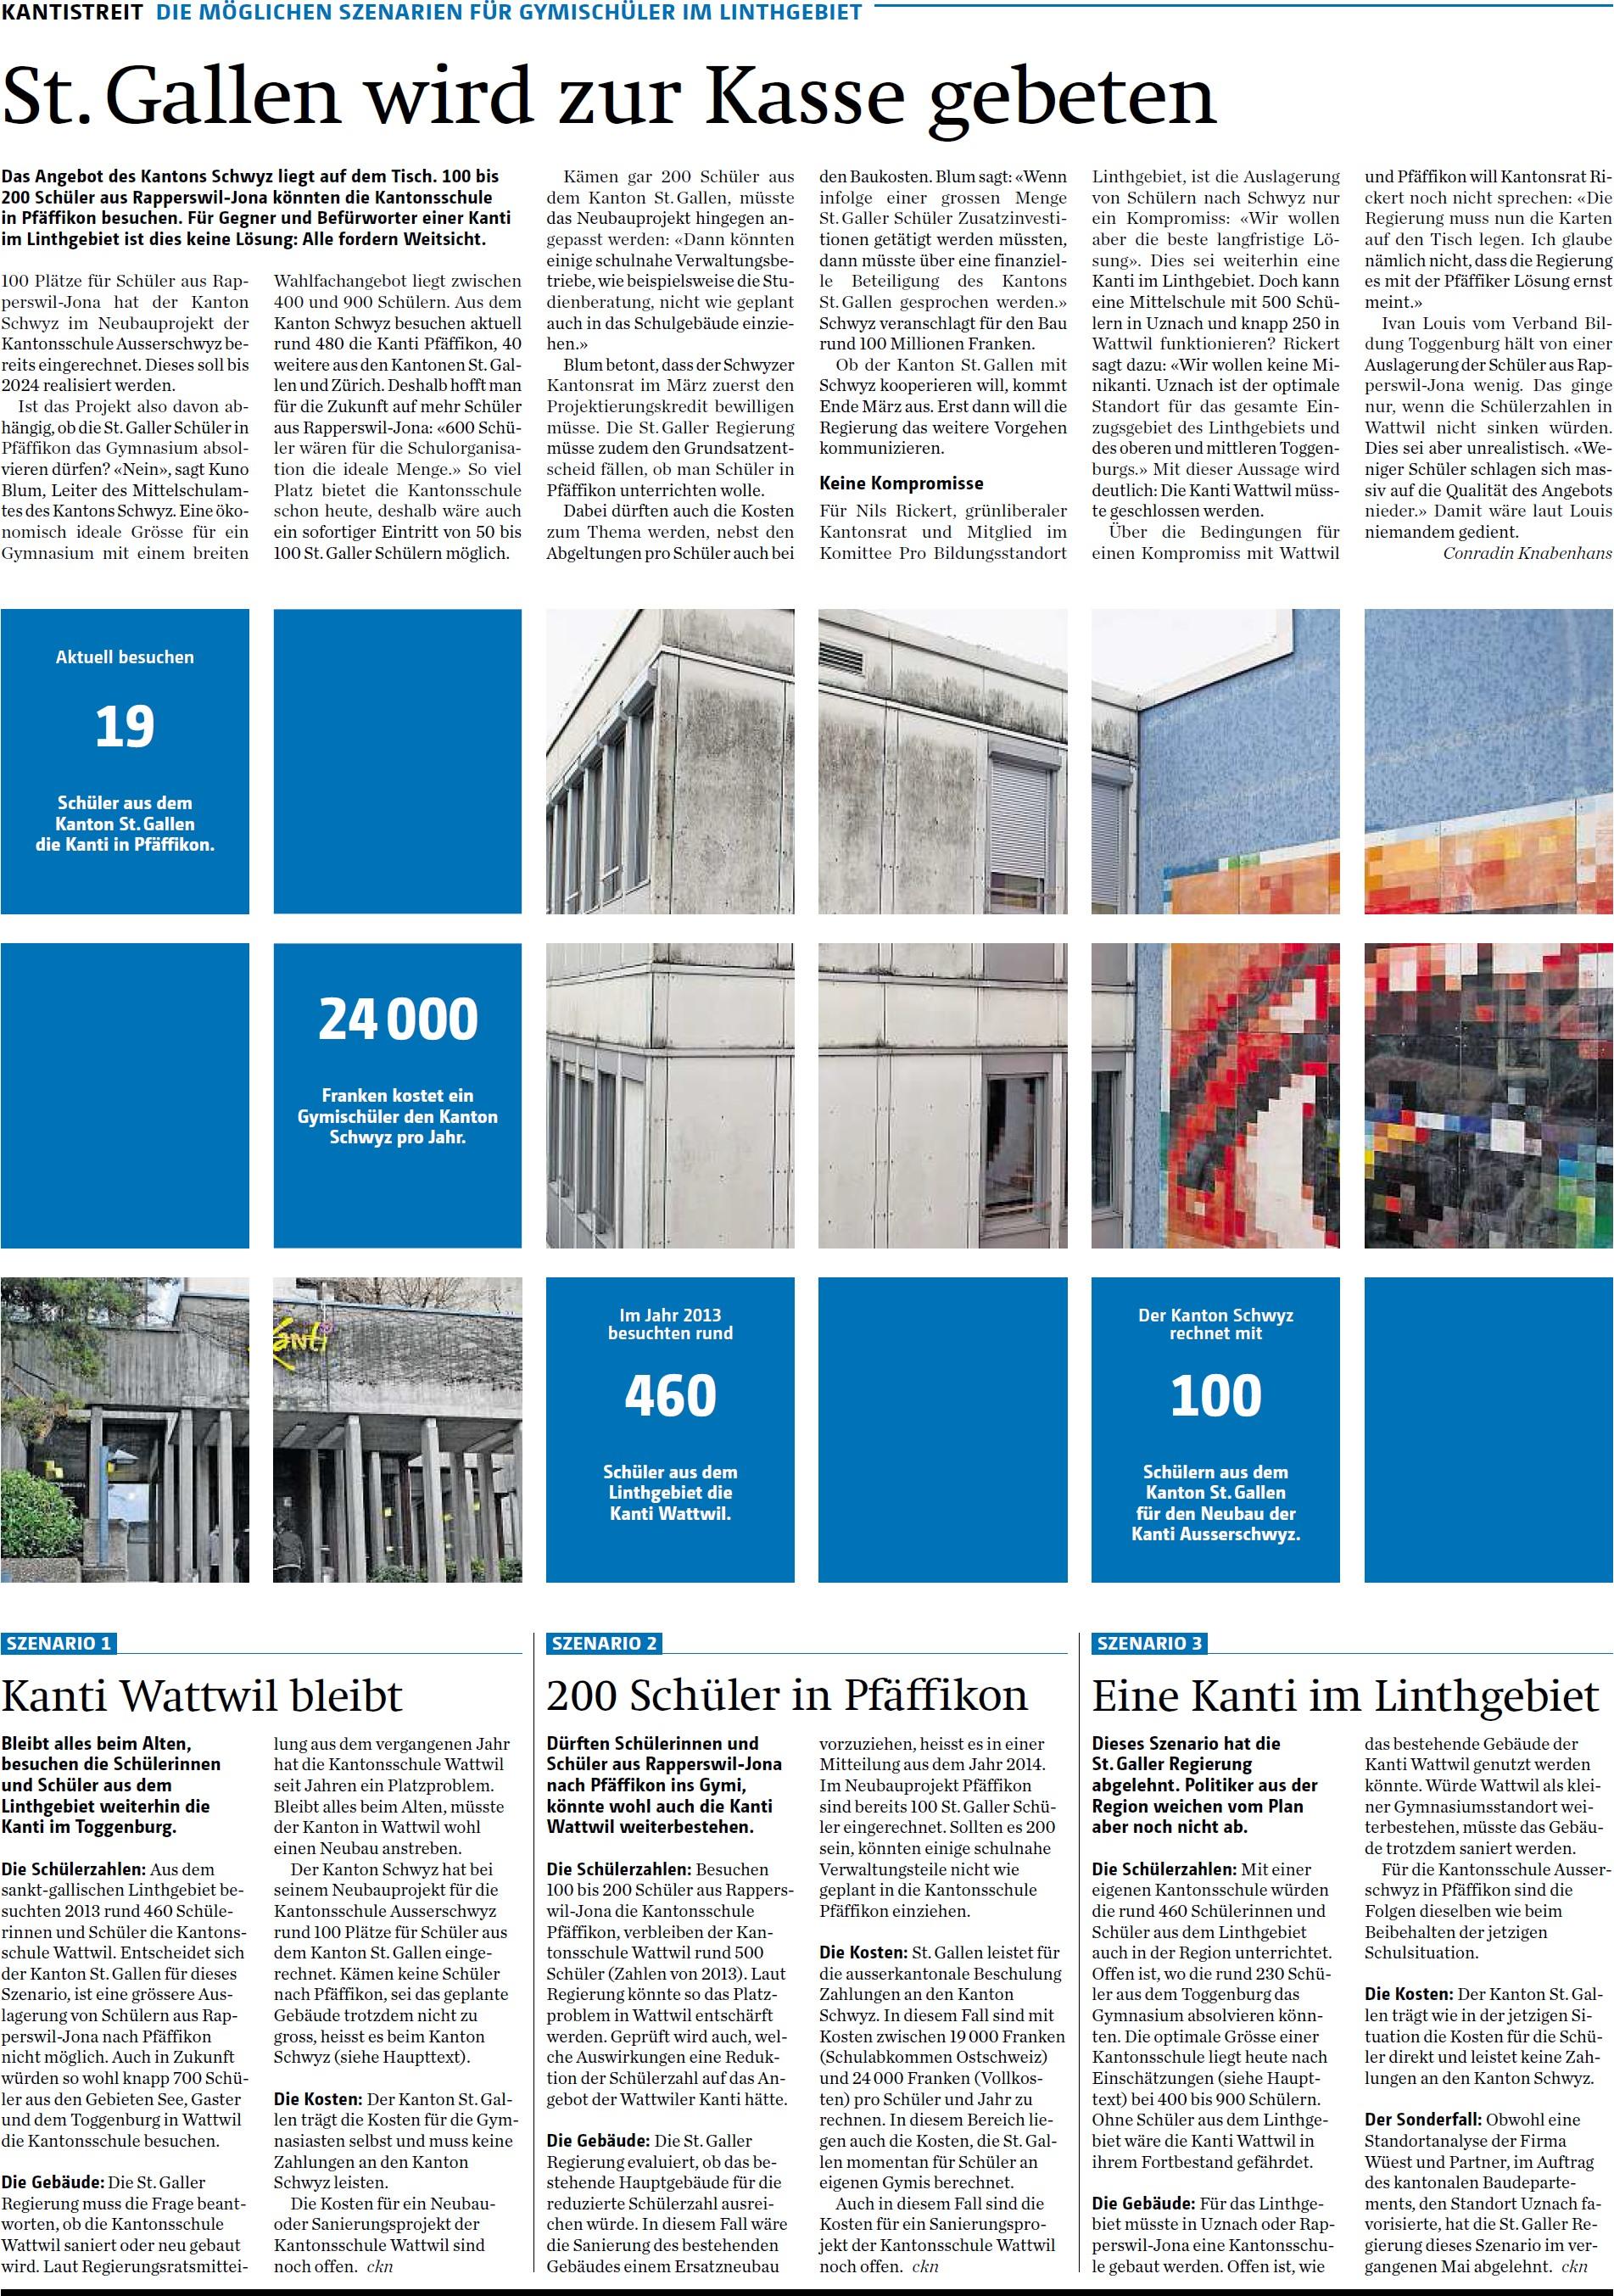 St. Gallen wird zur Kasse gebeten (Donnerstag, 12.02.2015)